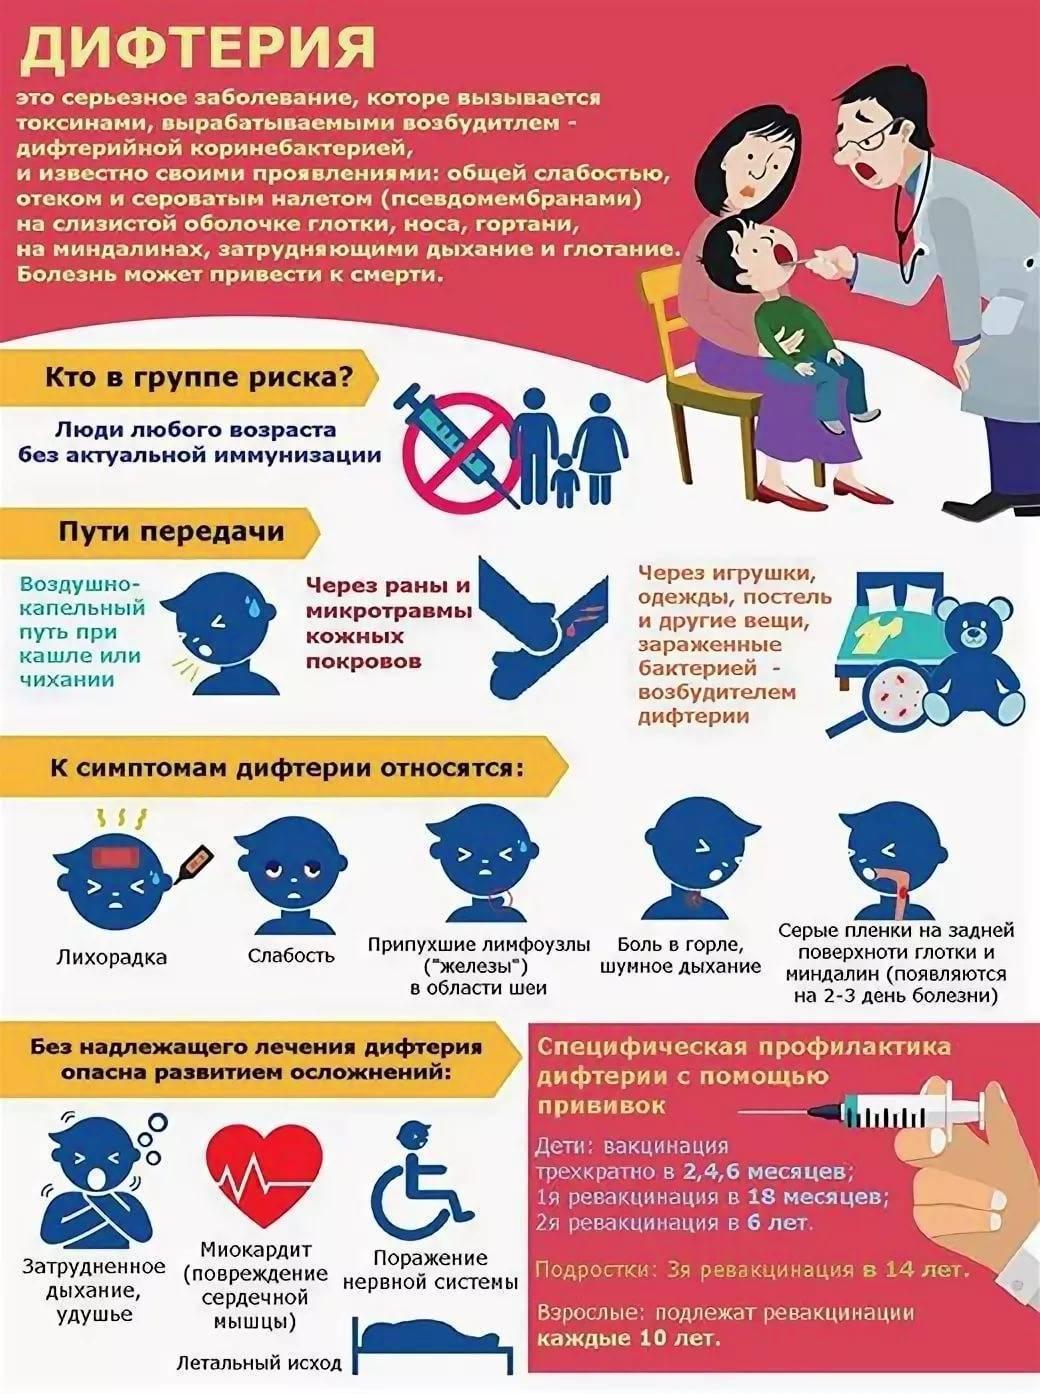 Дифтерия. причины, виды, симптомы и признаки